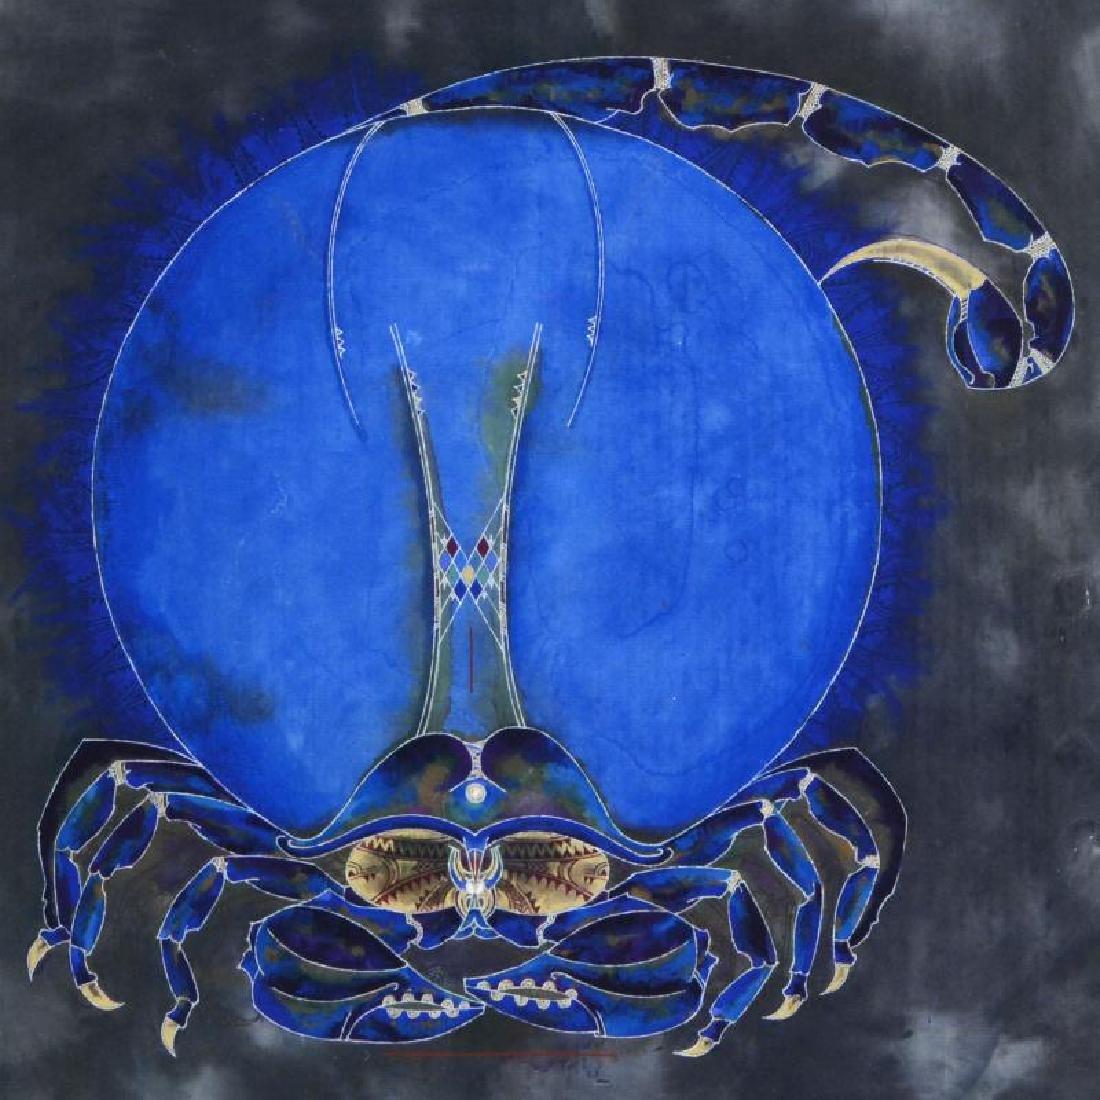 Scorpio (10/24 - 11/22) by Hong, Lu - 2